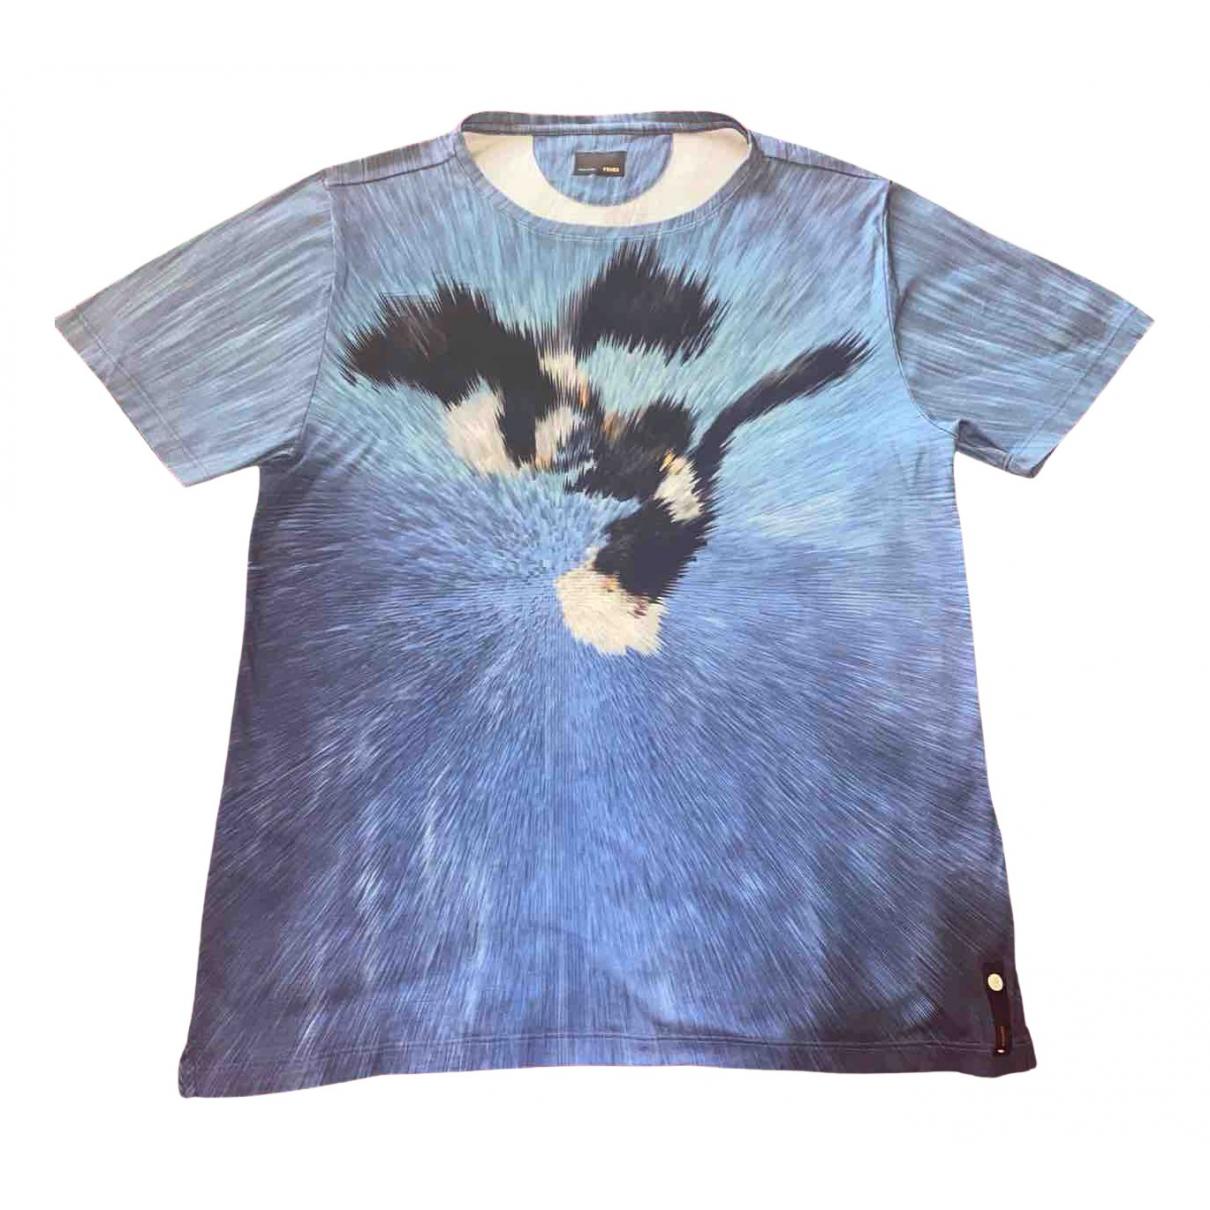 Fendi - Tee shirts   pour homme en coton - bleu